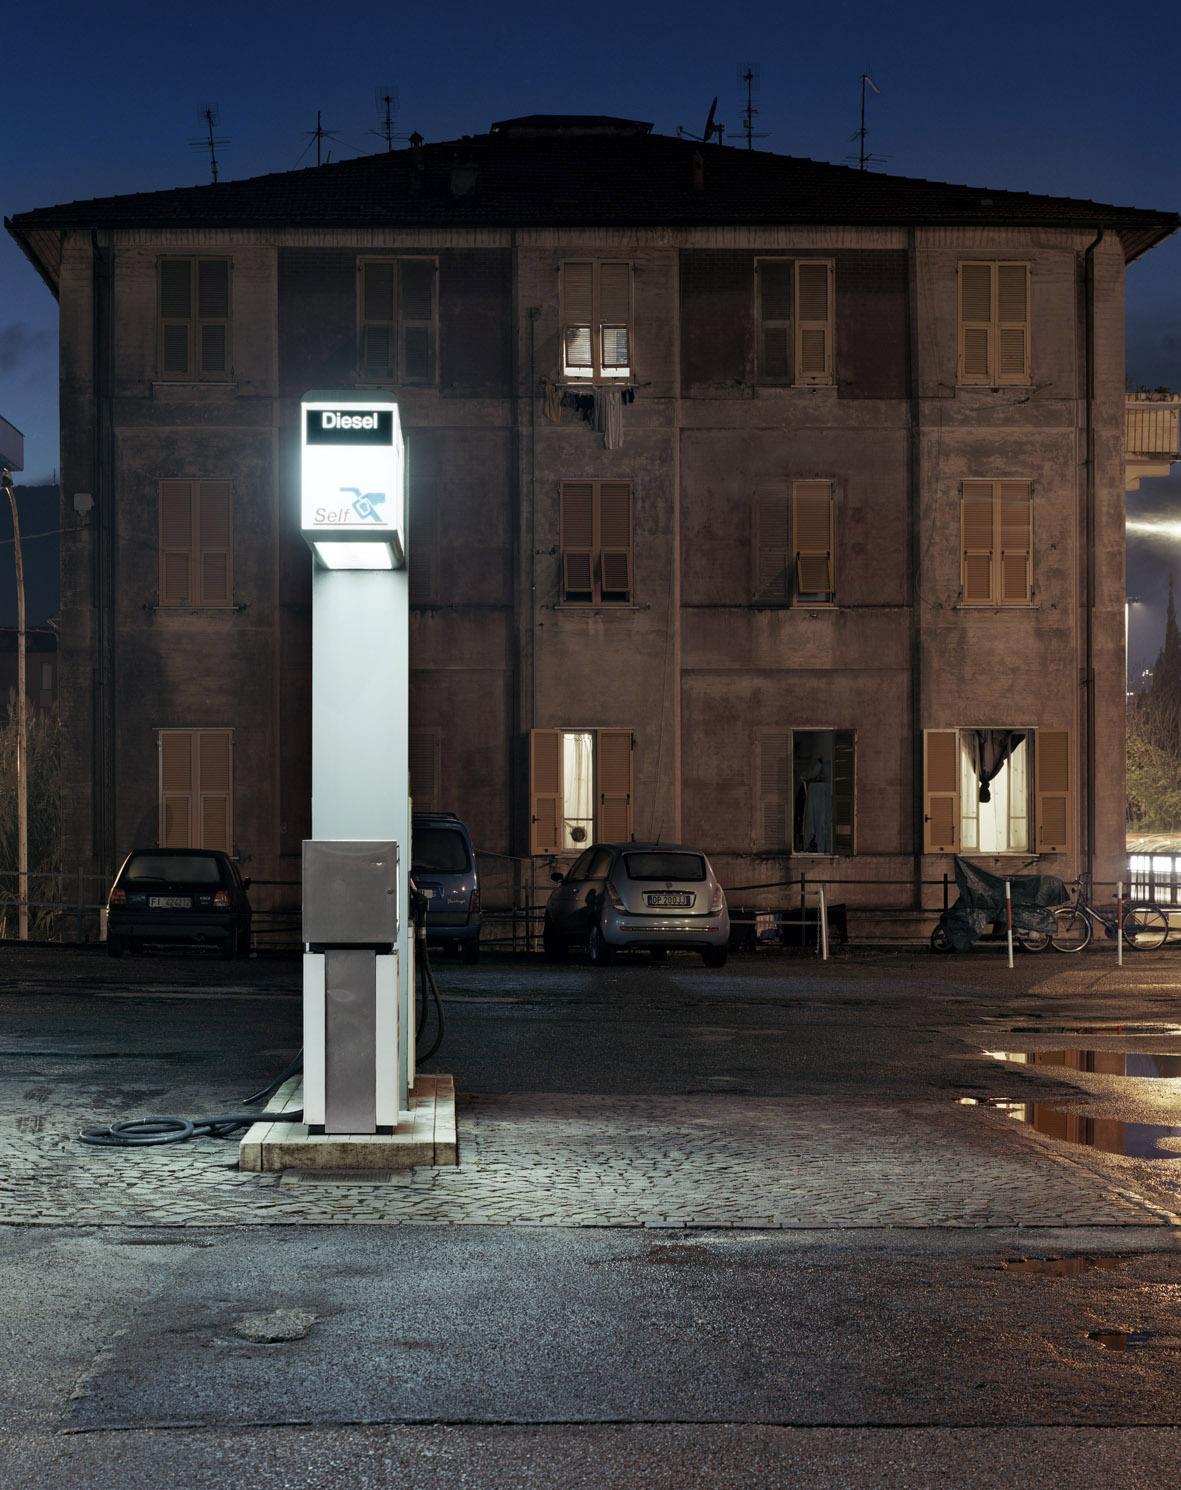 Alessandro Cimmino La Spezia, 2012 Courtesy Fondazione MAXXI